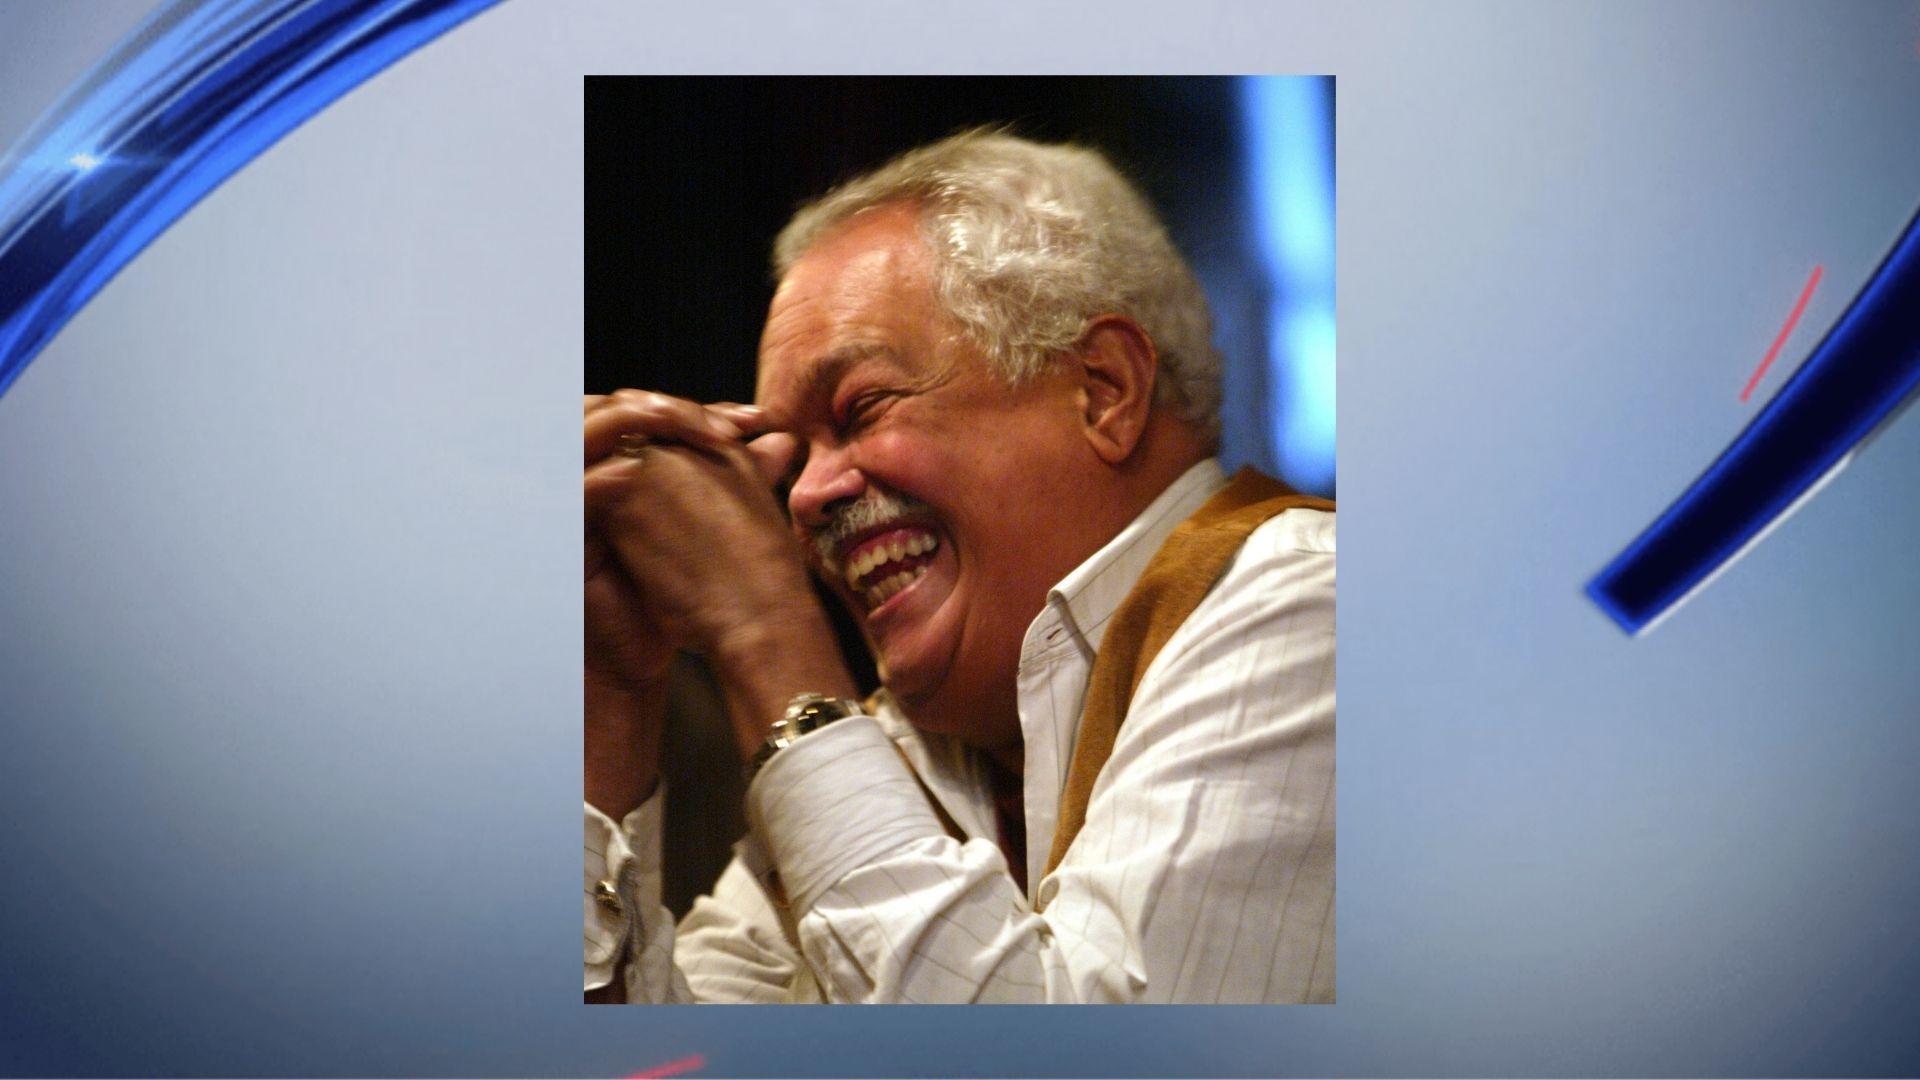 Miguel Algarin dead at 79